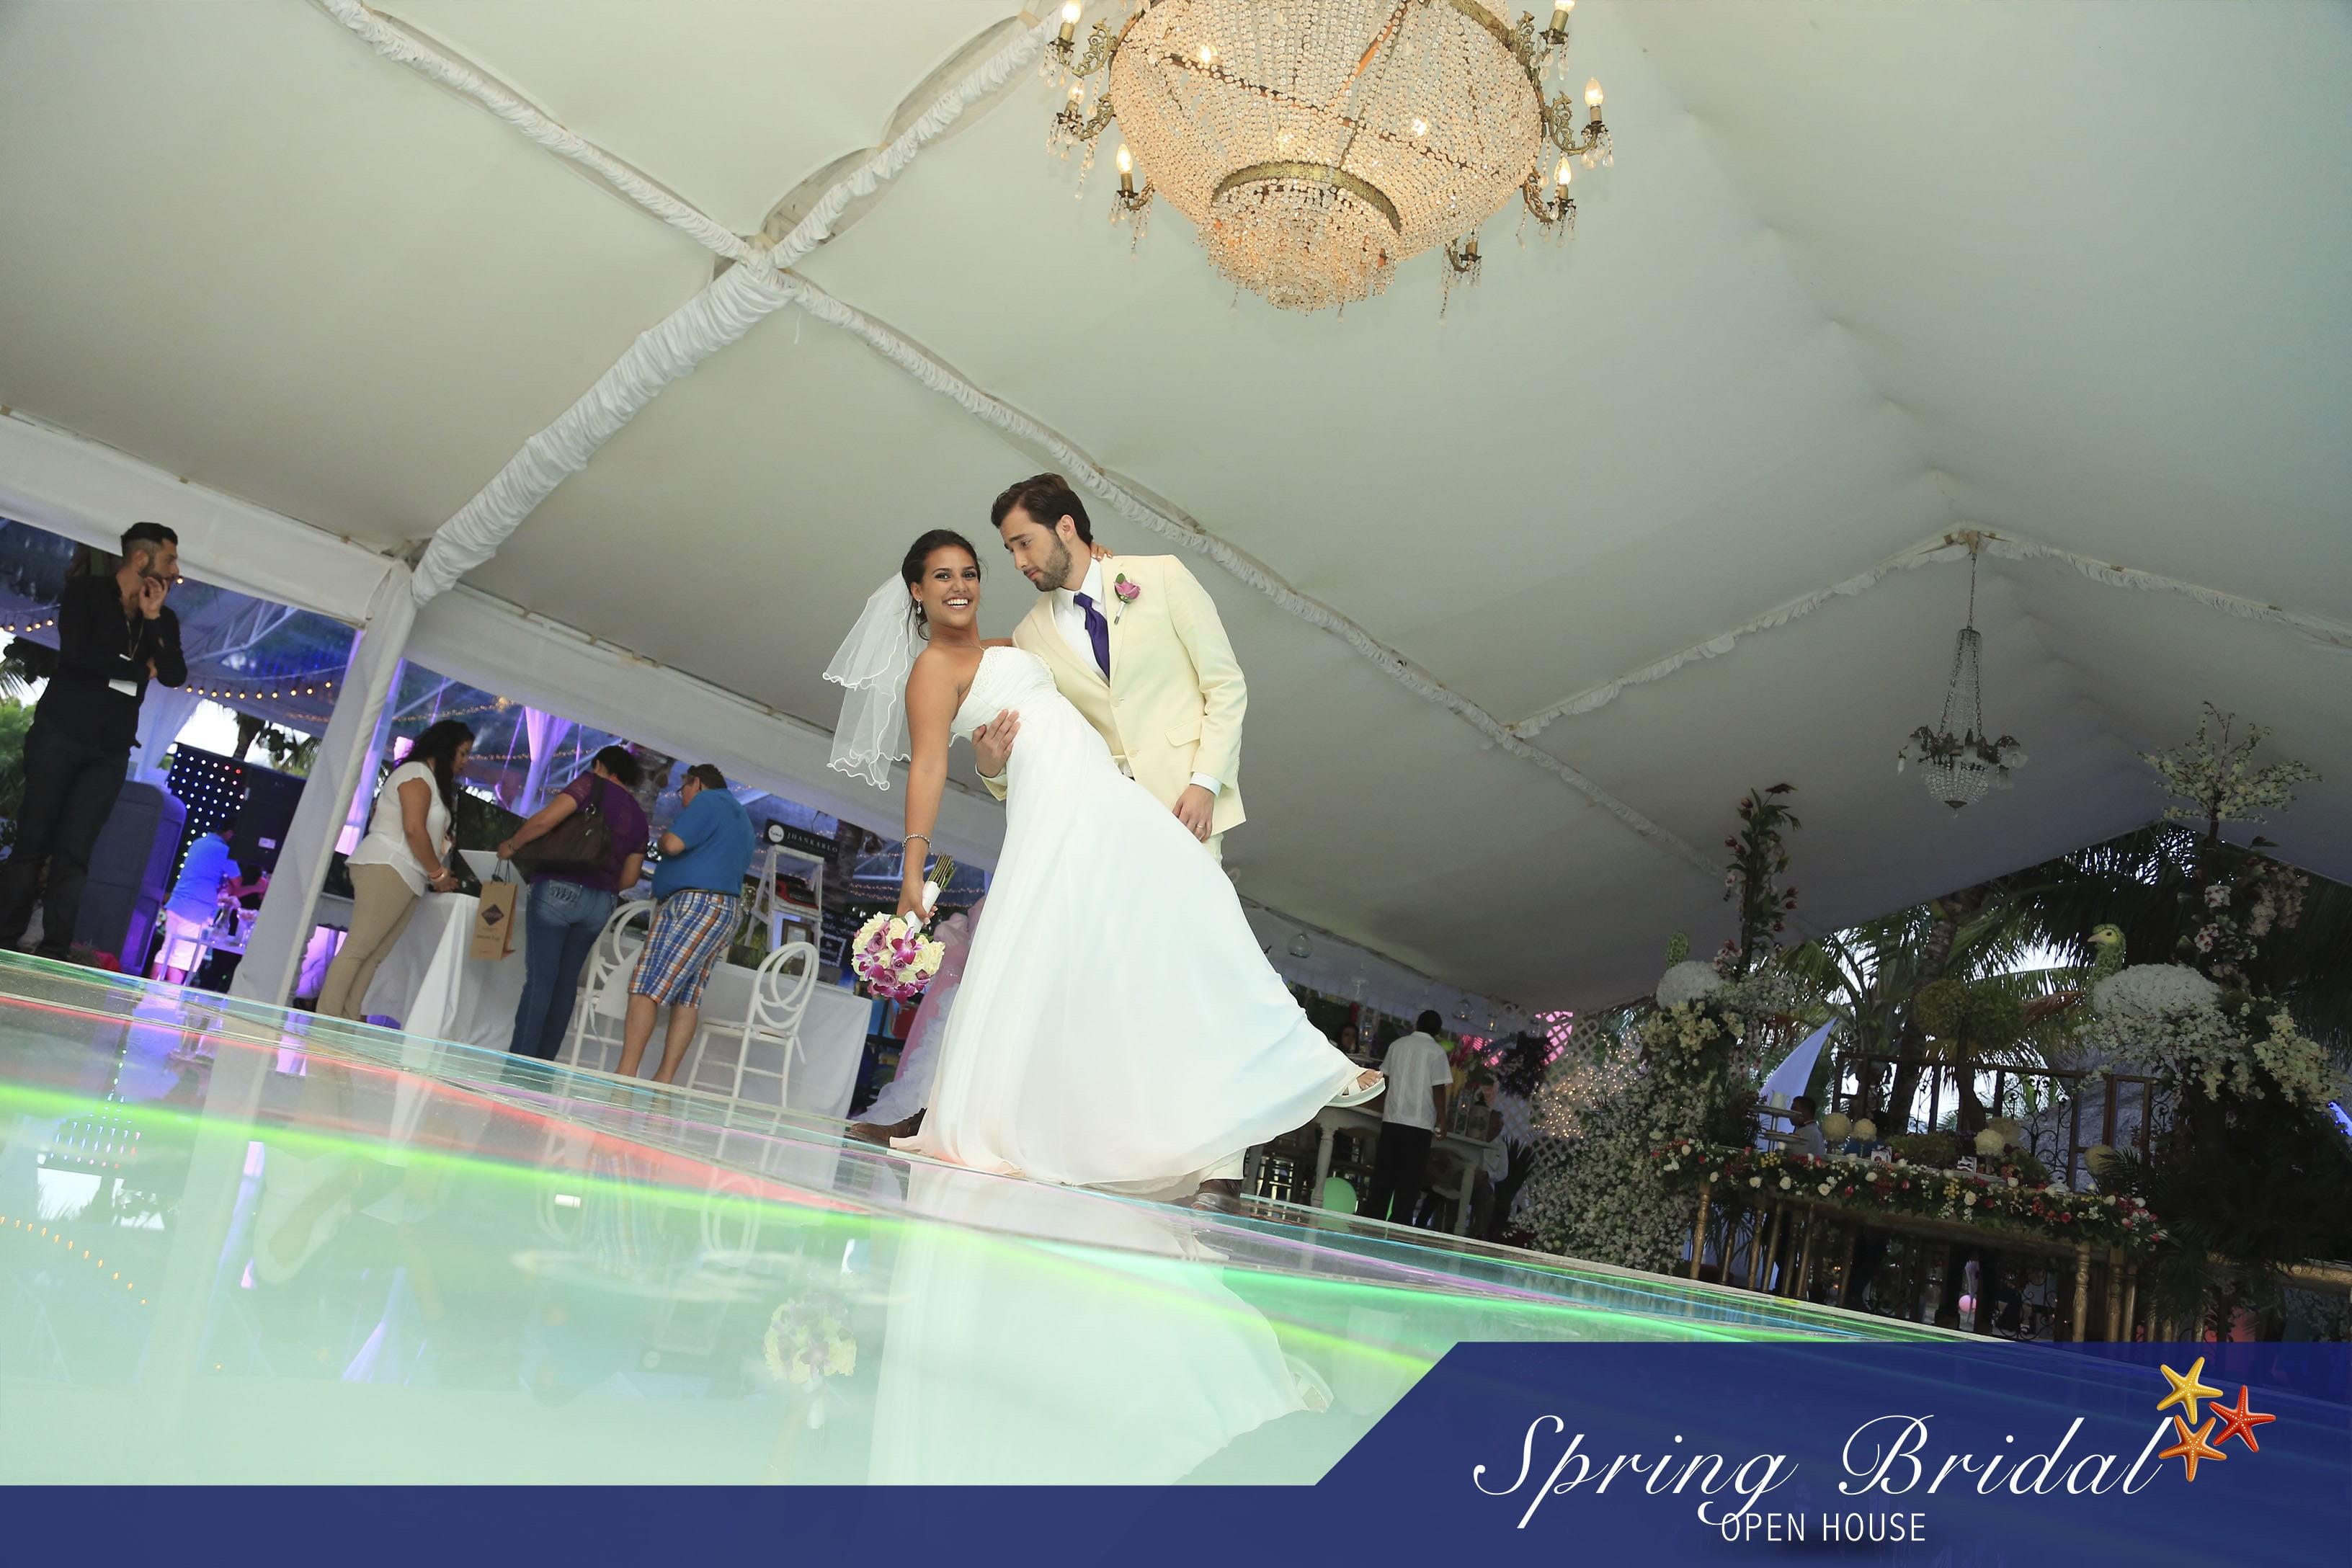 Novios Spring-Bridal-2015 en la pista de baile